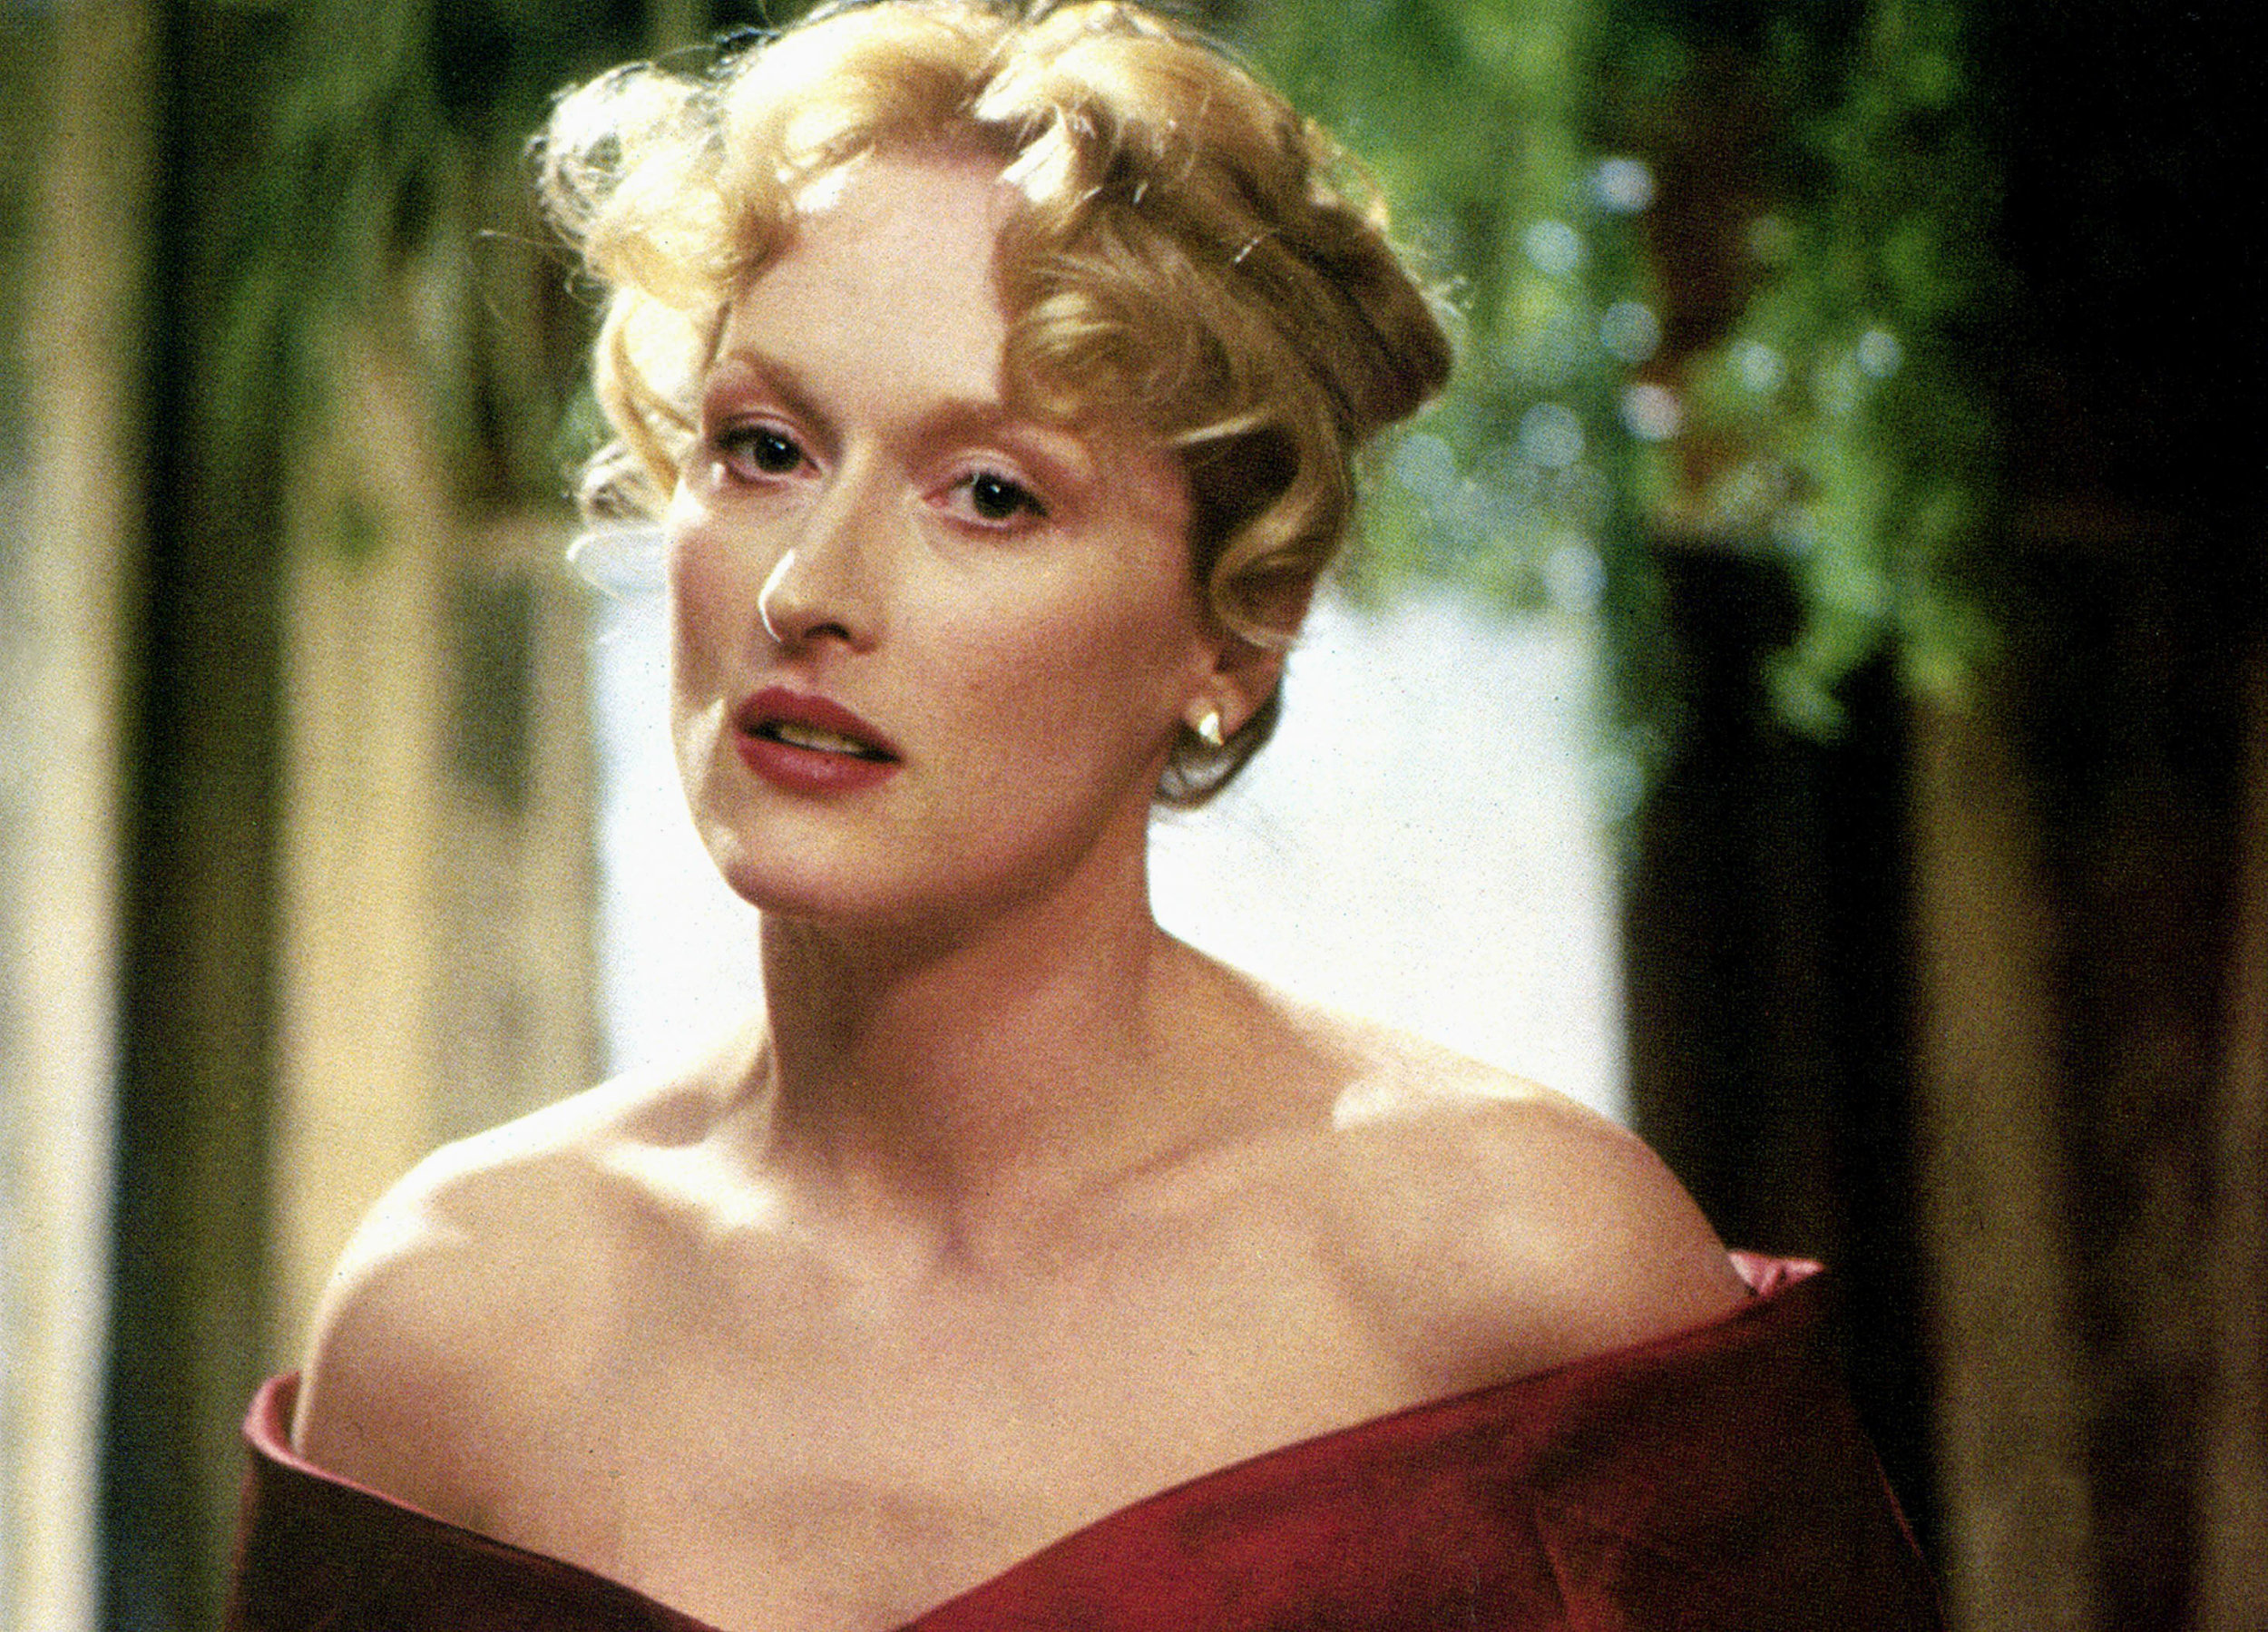 Meryl wowed as Sophie in Sophie's Choice in 1982